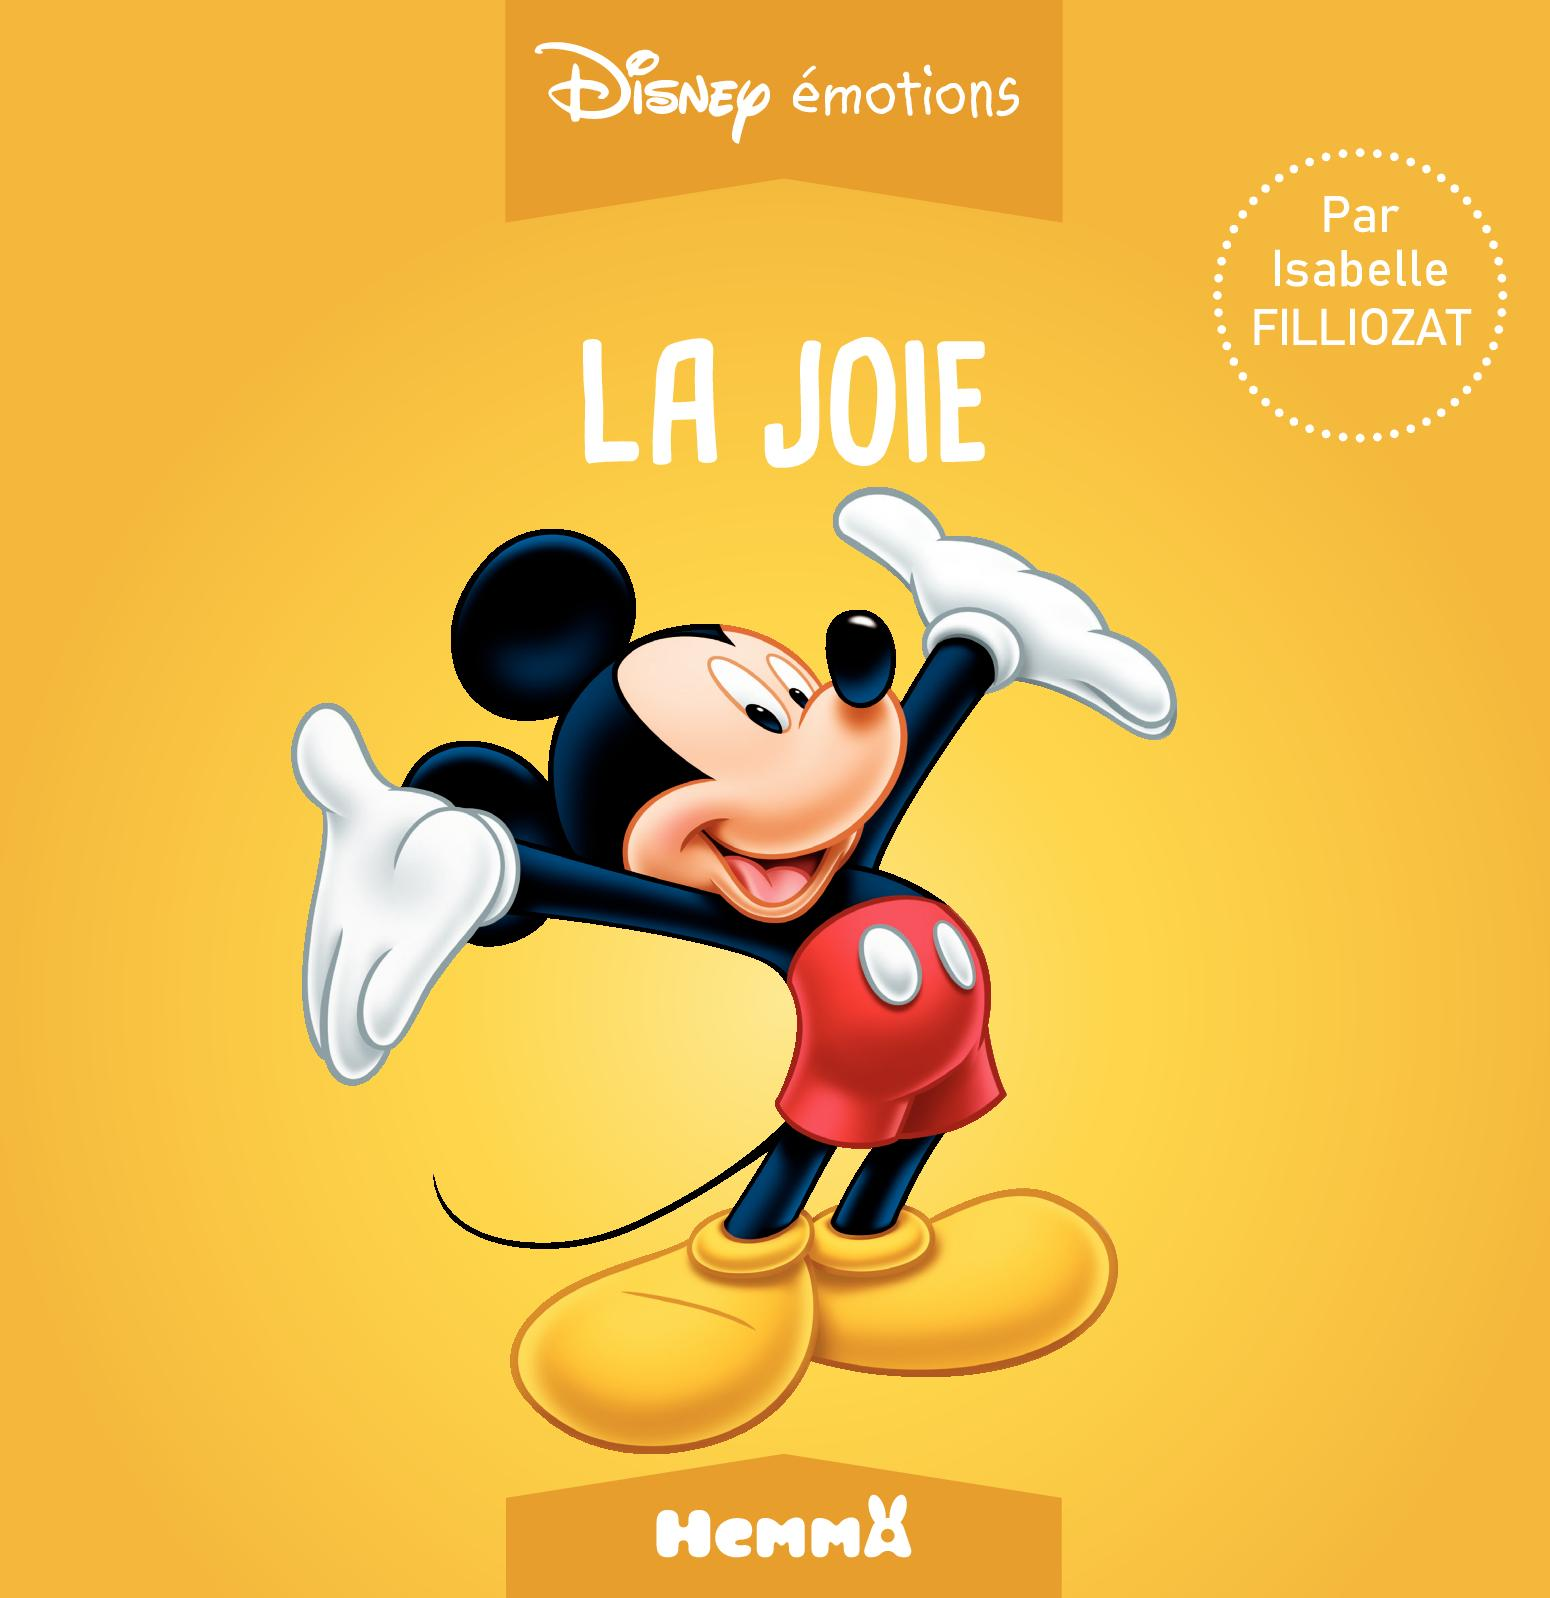 Disney émotions - Mickey - La joie